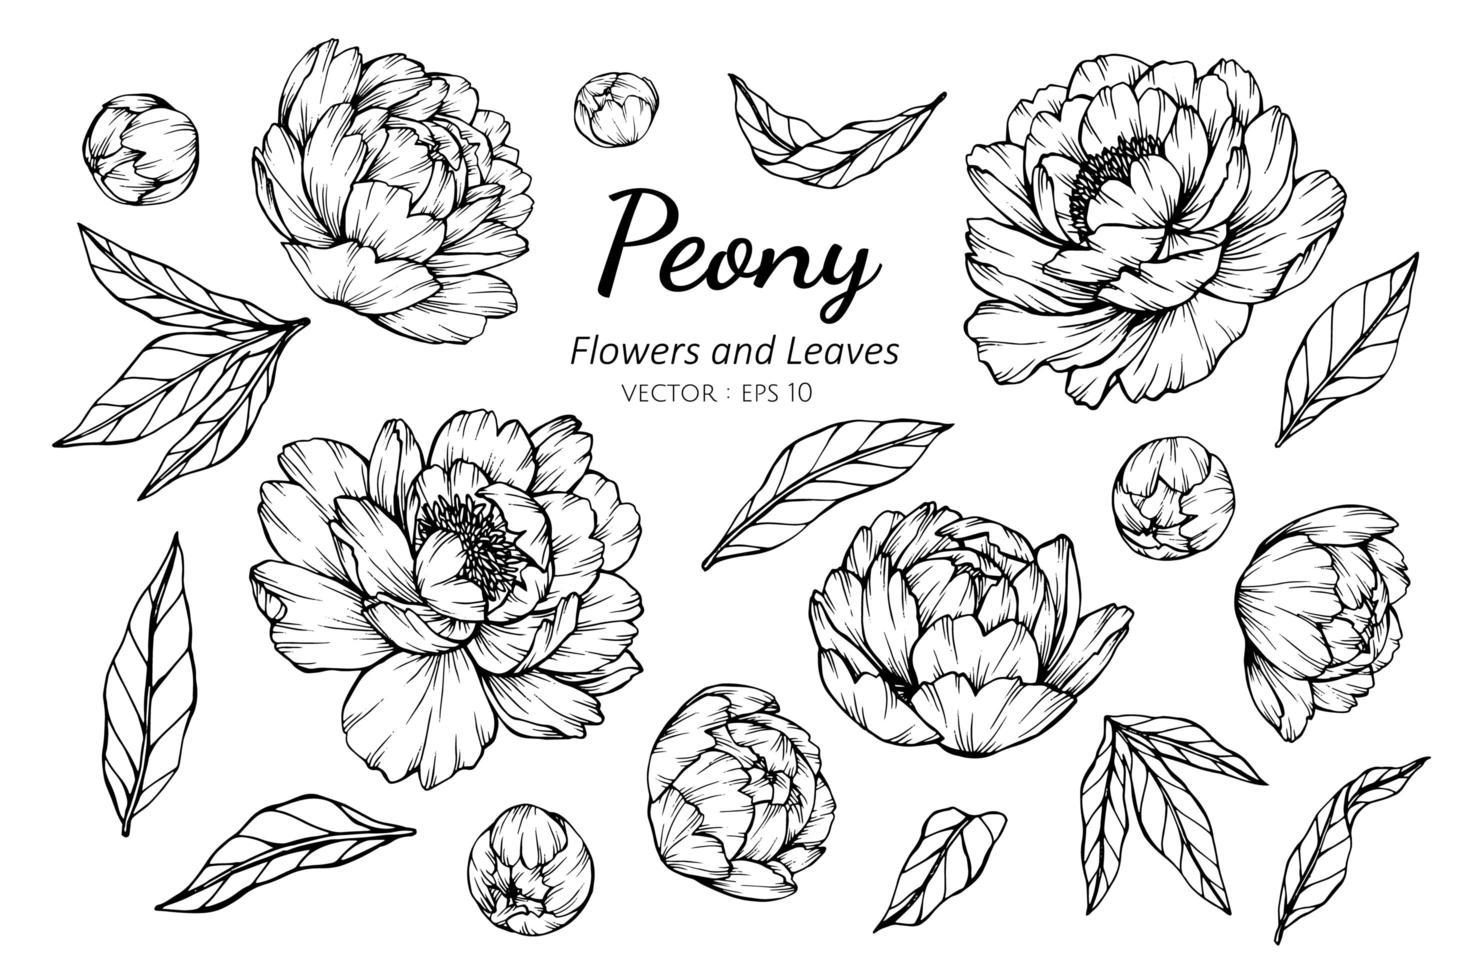 Sammlung von Pfingstrosenblüten und -blättern vektor